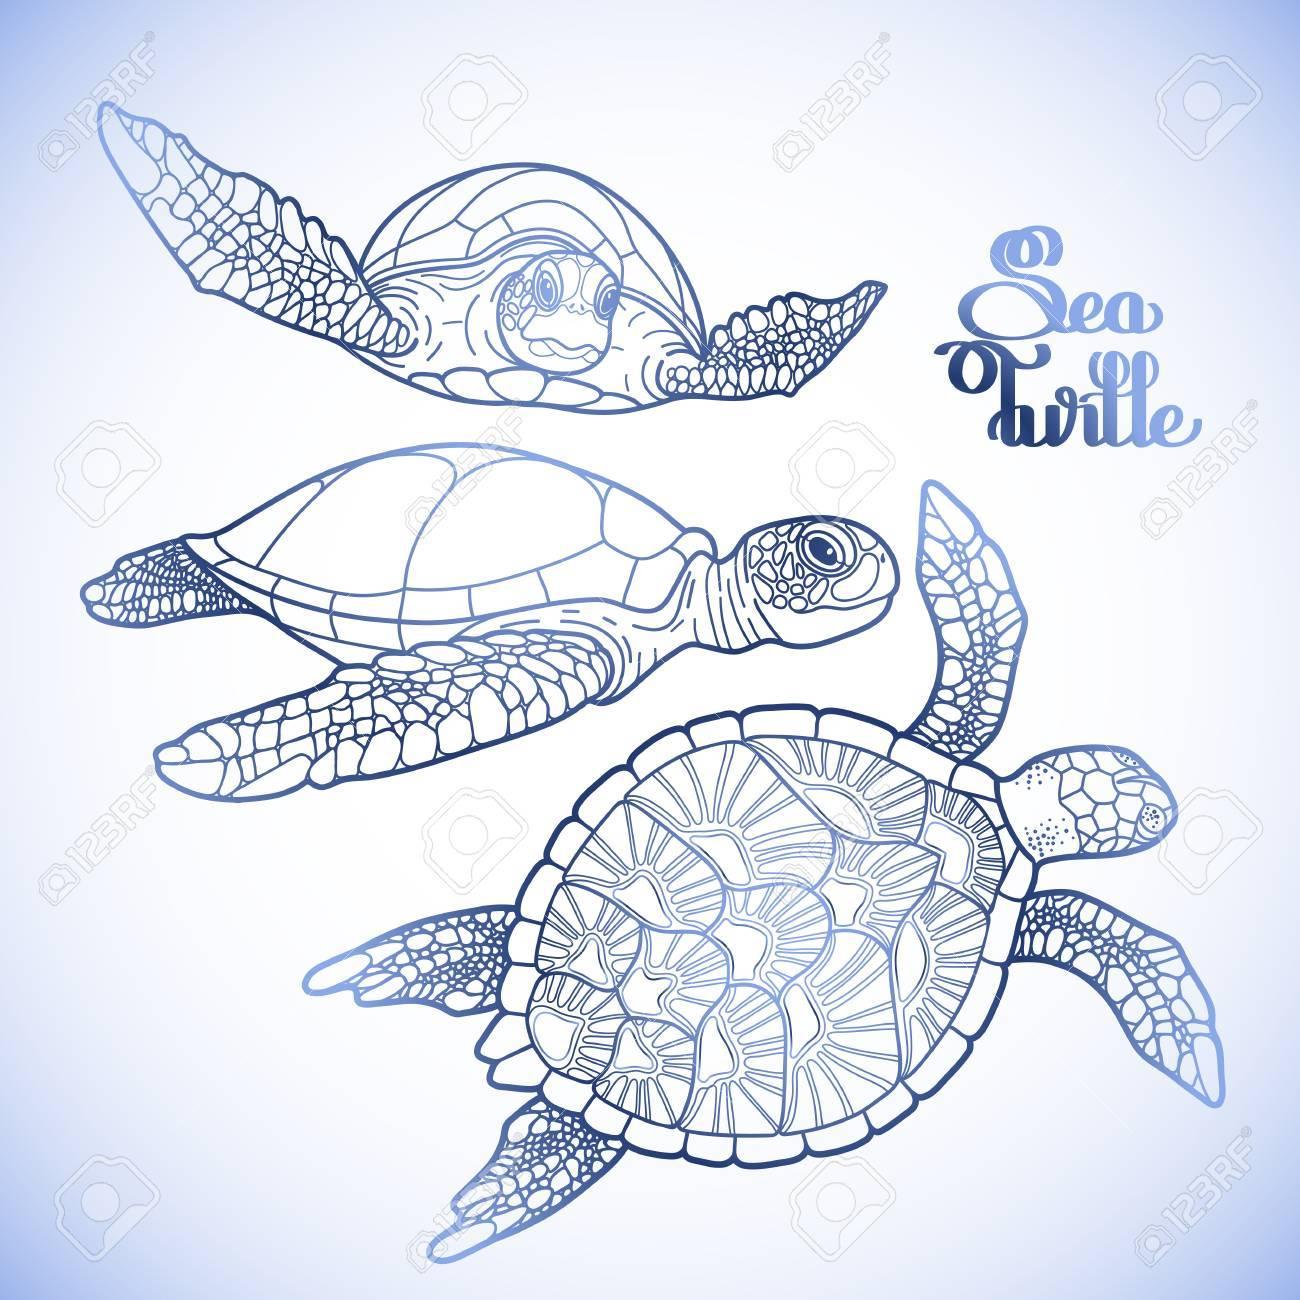 Colección Carey De Tortuga Marina Gráfico Dibujado En El Estilo De ...